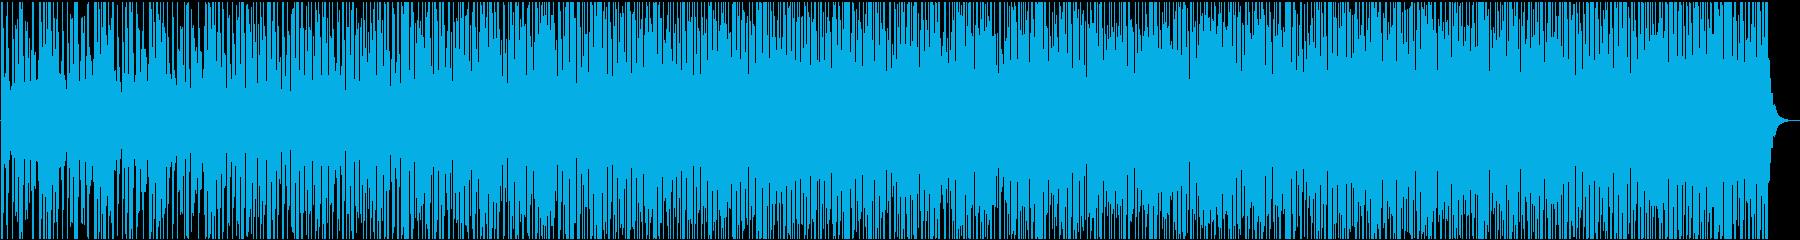 南国・ハッピー・軽快・スチールドラムの再生済みの波形